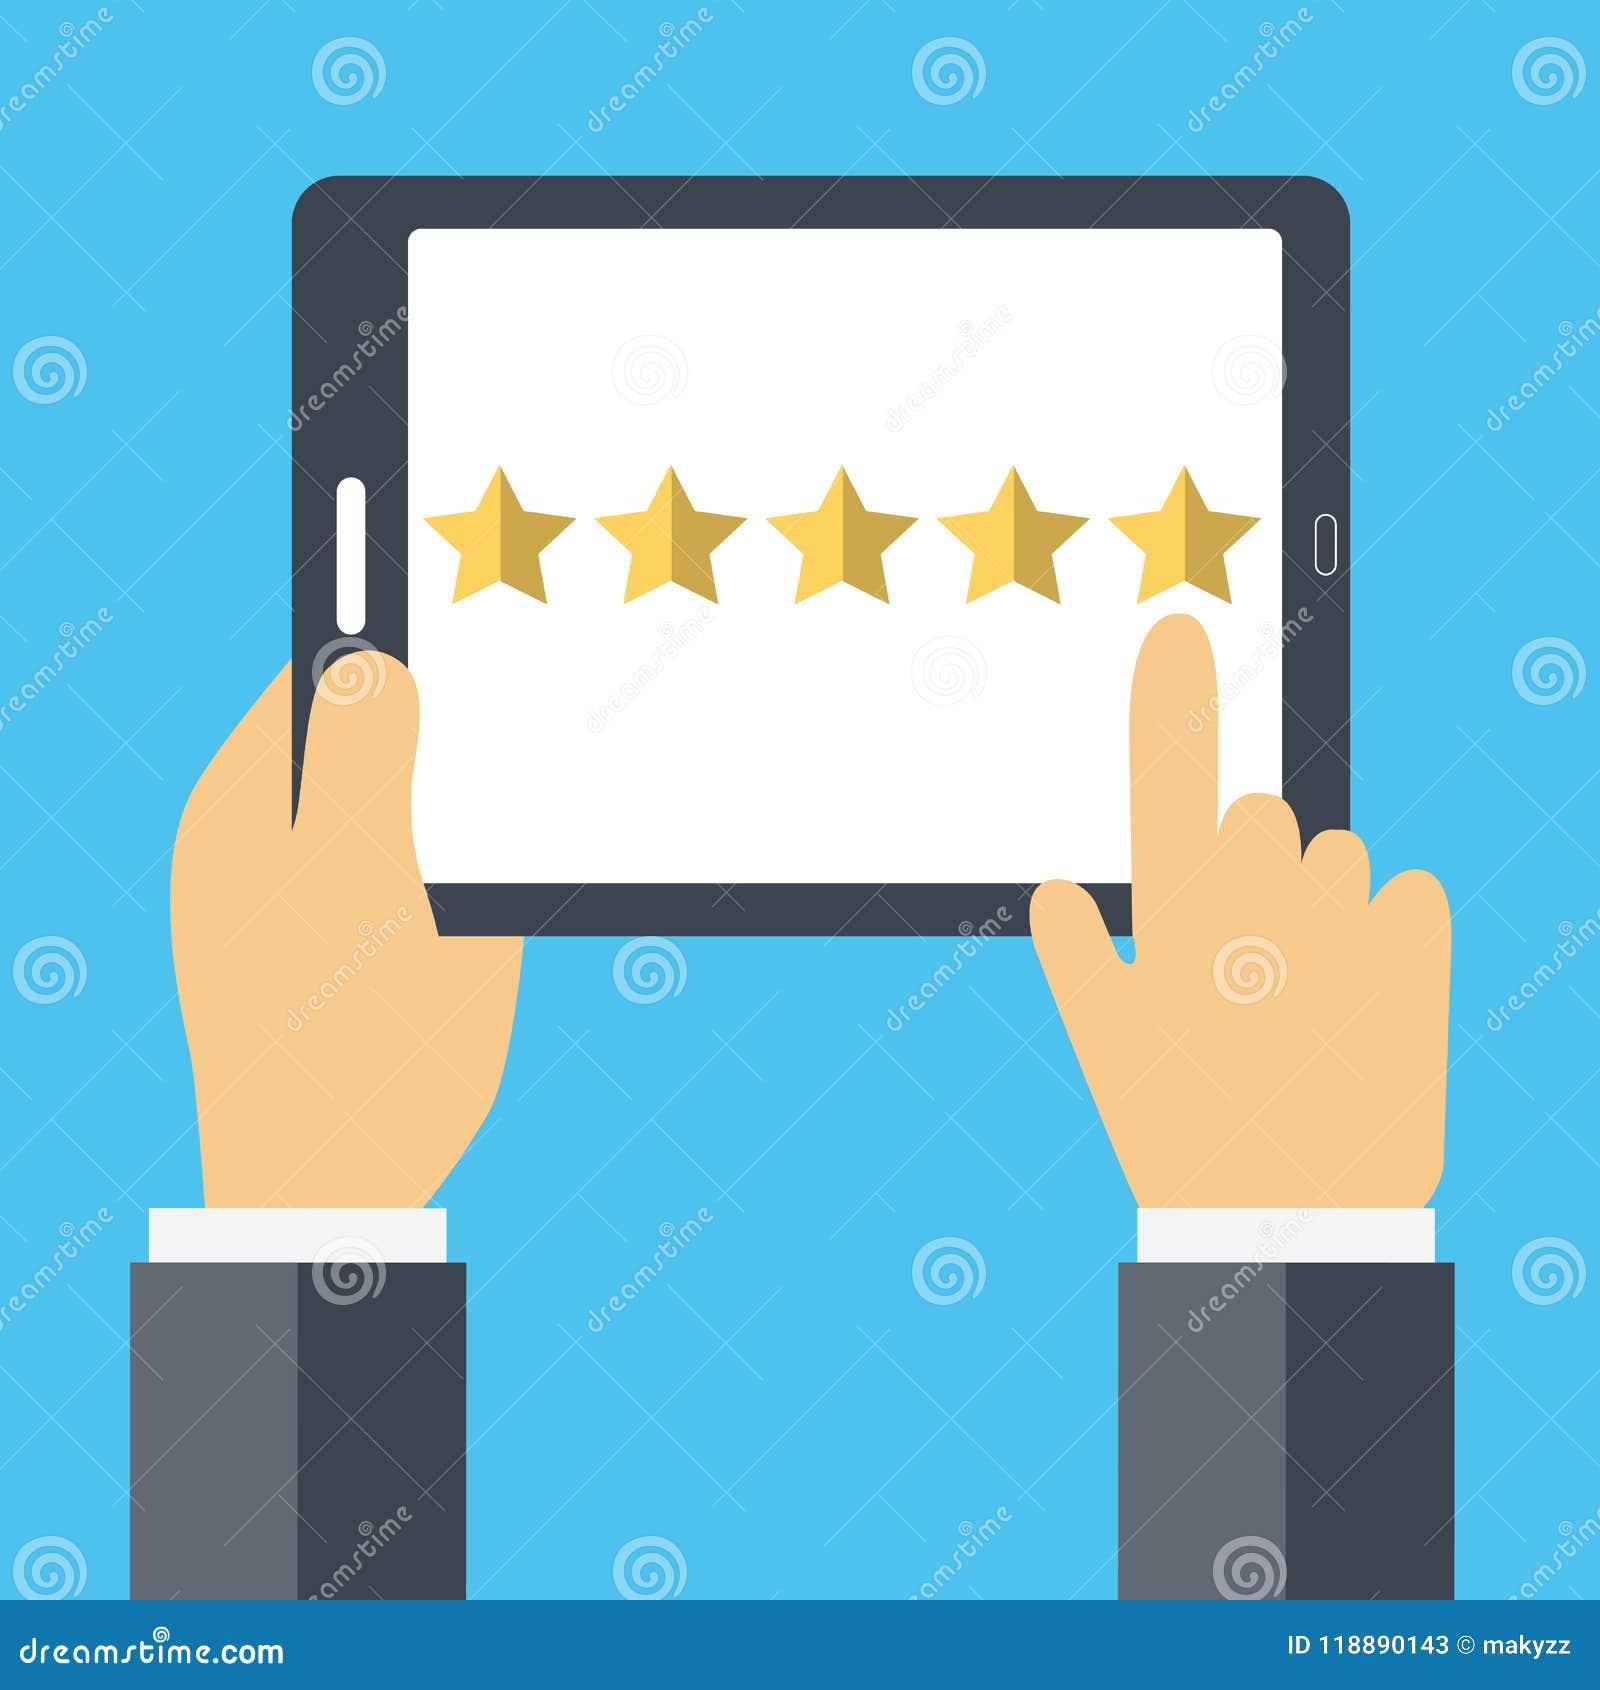 Avaliação no conceito do serviço ao cliente Feedback da avaliação do Web site e conceito da revisão Vetor liso